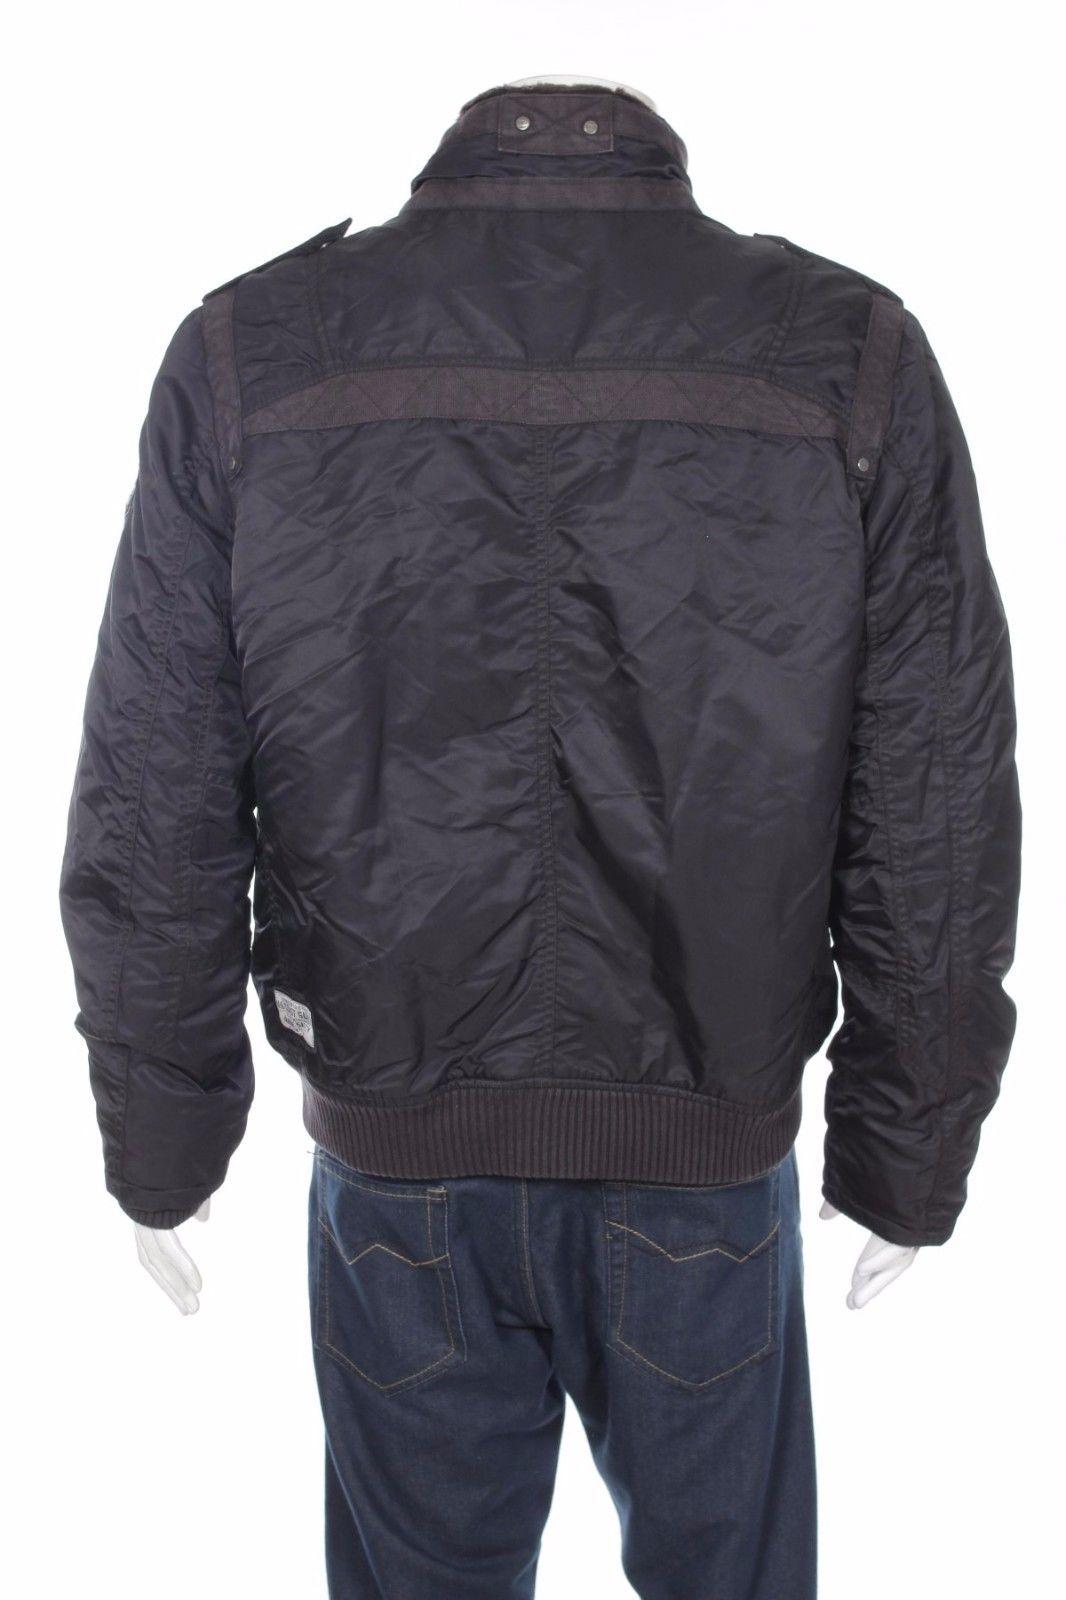 Freiraum suchen riesige Auswahl an billiger Verkauf Camp David Herren Men Jacket Übergangsjacke Blue sold by xperience